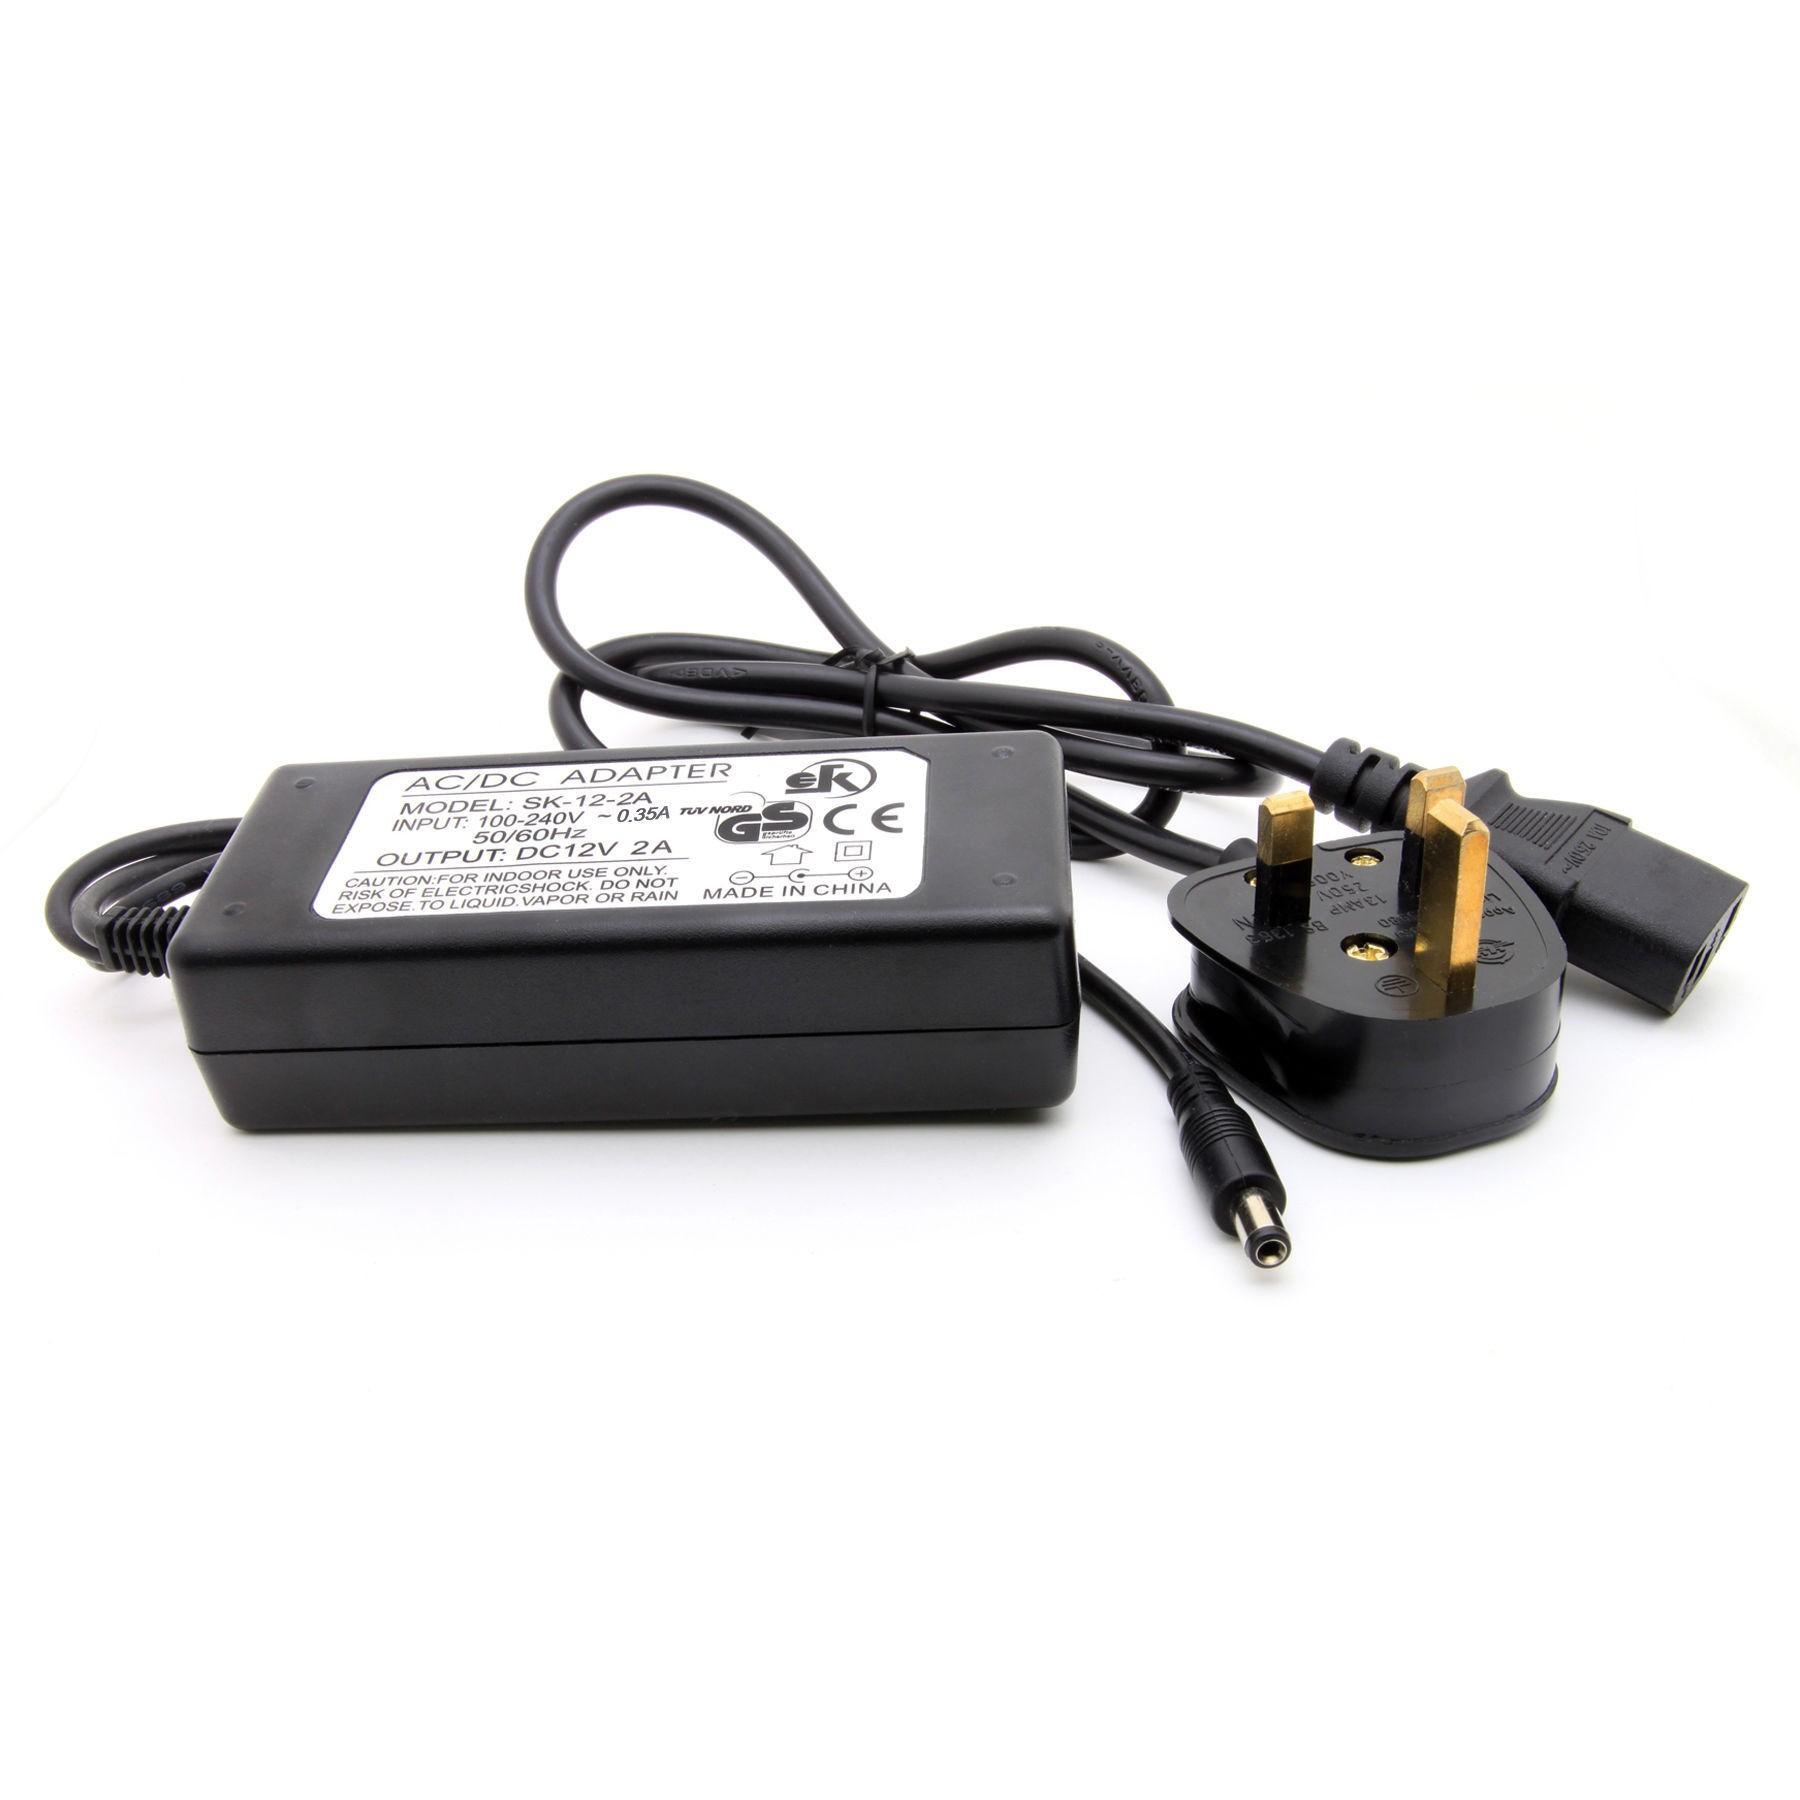 20watt LED Transformer Driver For All 12volt LED Strip Lighting